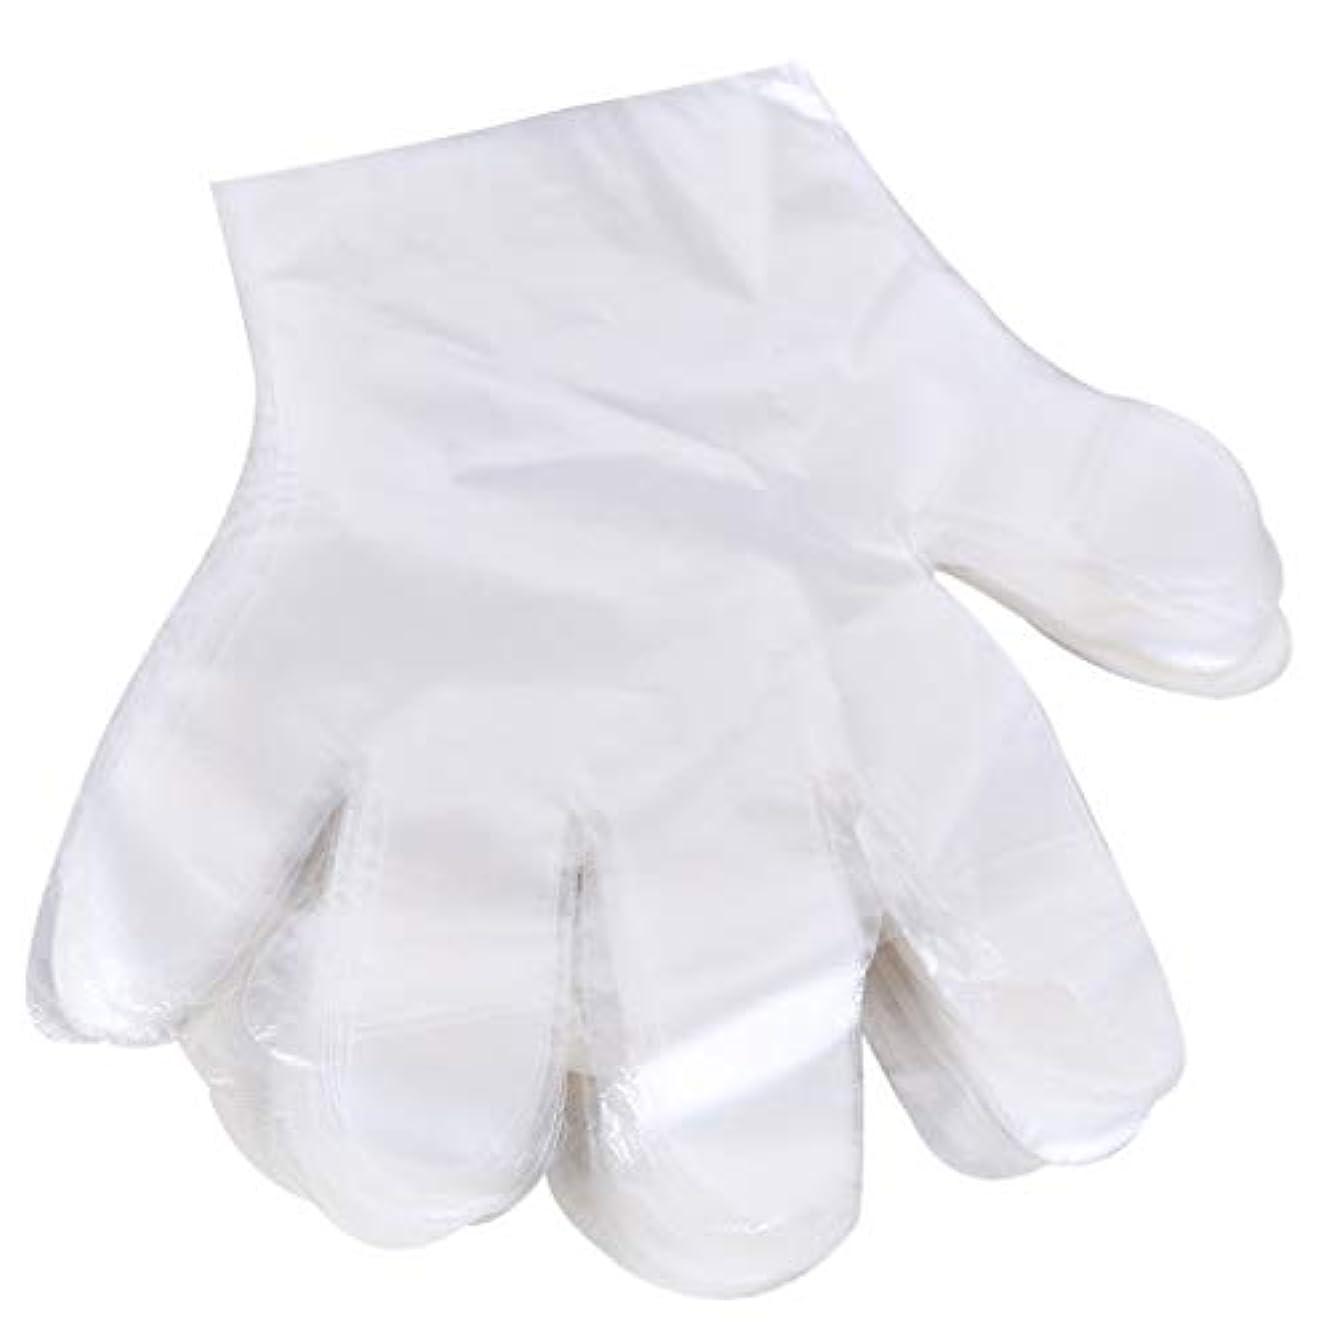 インポート酸素悔い改める1000 使い捨て手袋、ケータリングヘアマスク食品ロブスター厚い透明プラスチックpeフィルム手袋透明カバー YANW